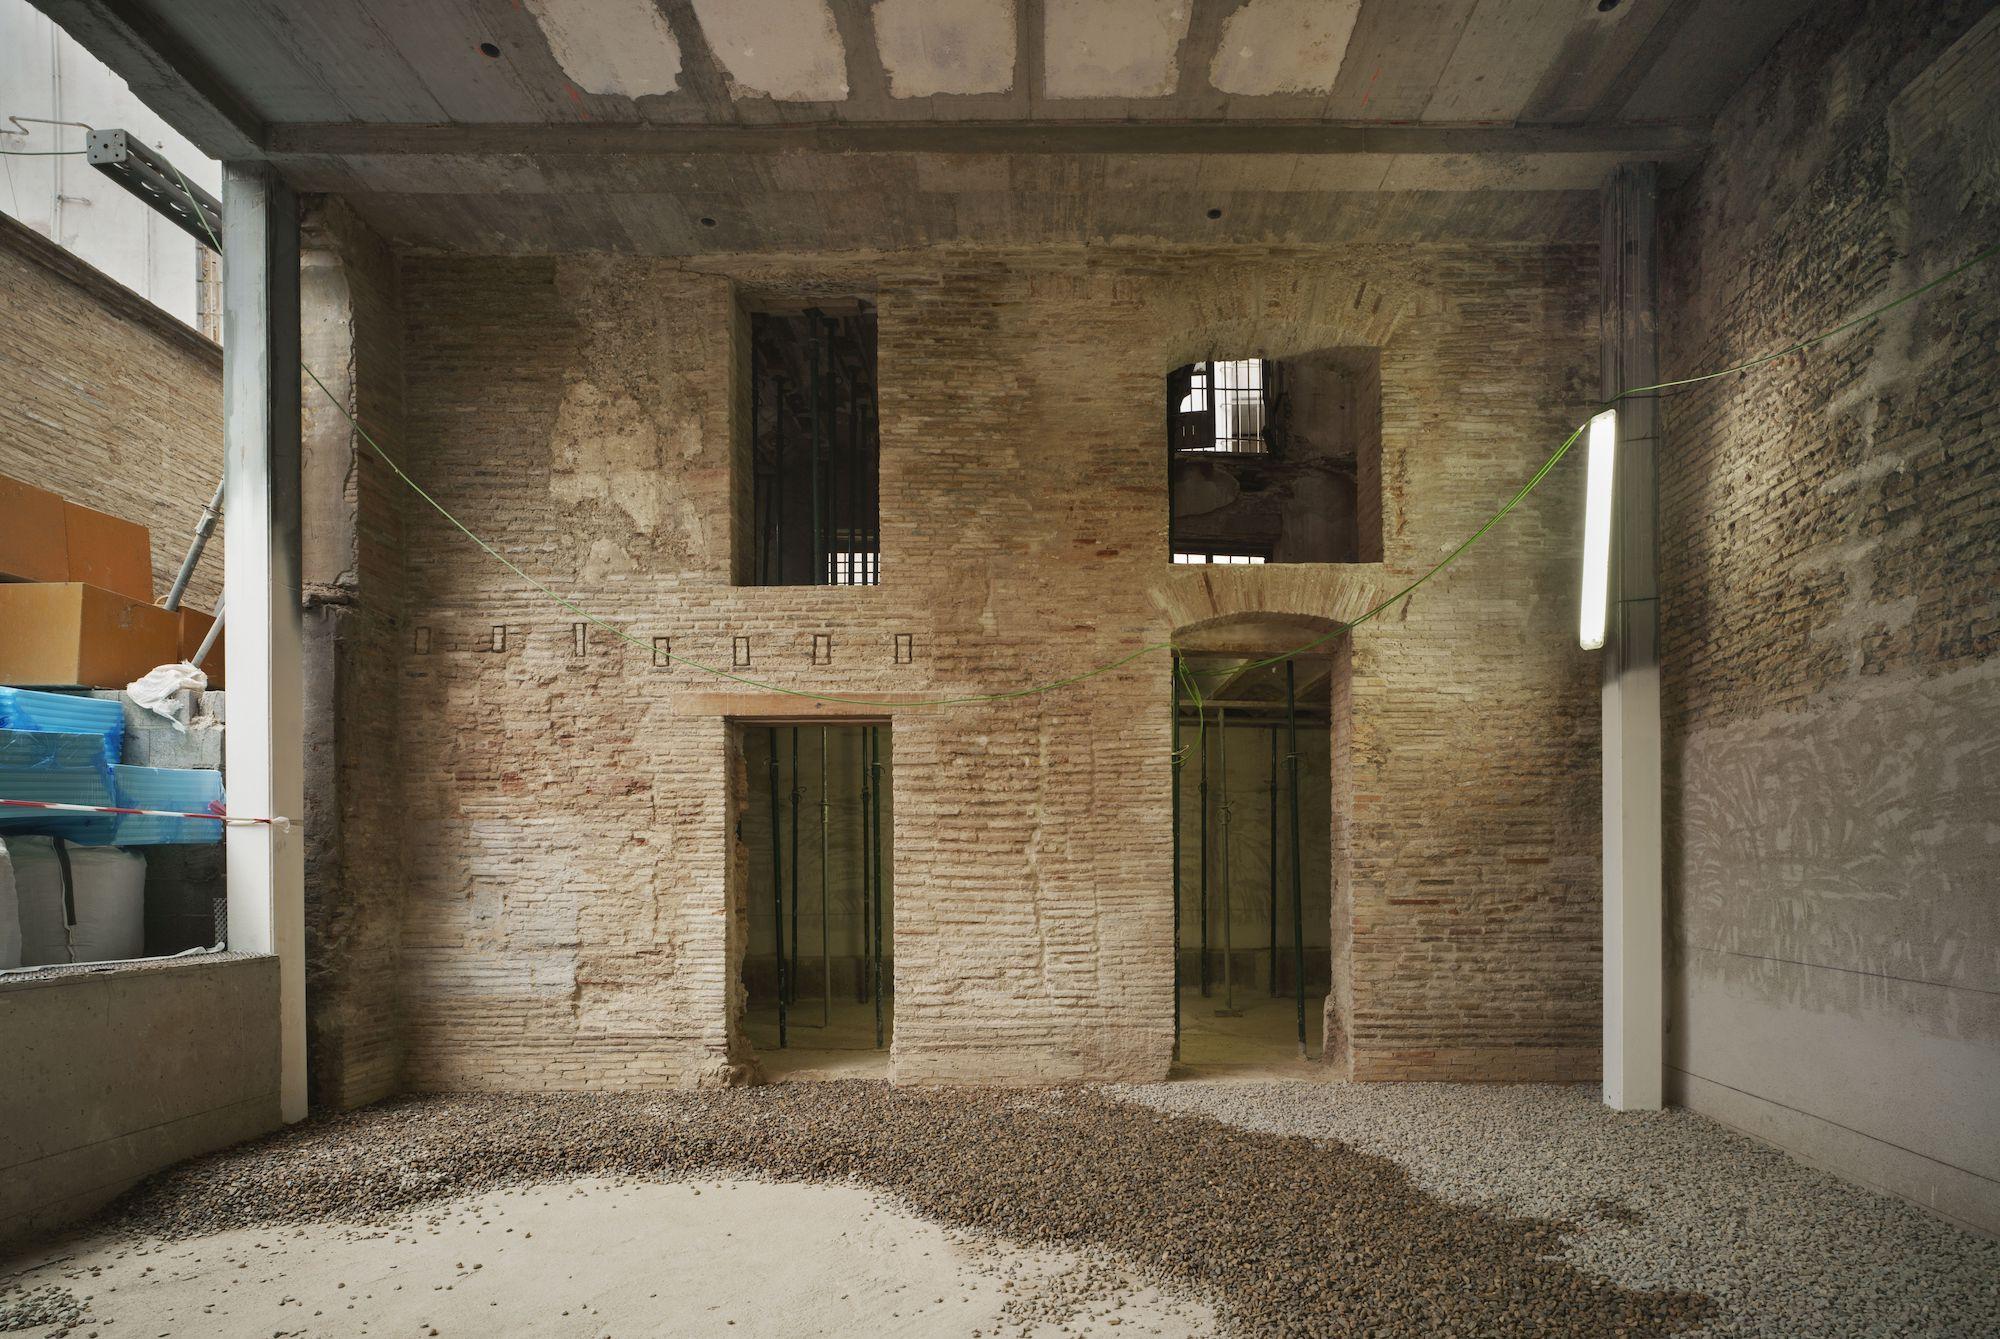 Las salas del Centro de Arte Hortensia Herrero comienzan a tomar forma en la fase C del proyecto de reforma(1).jpg